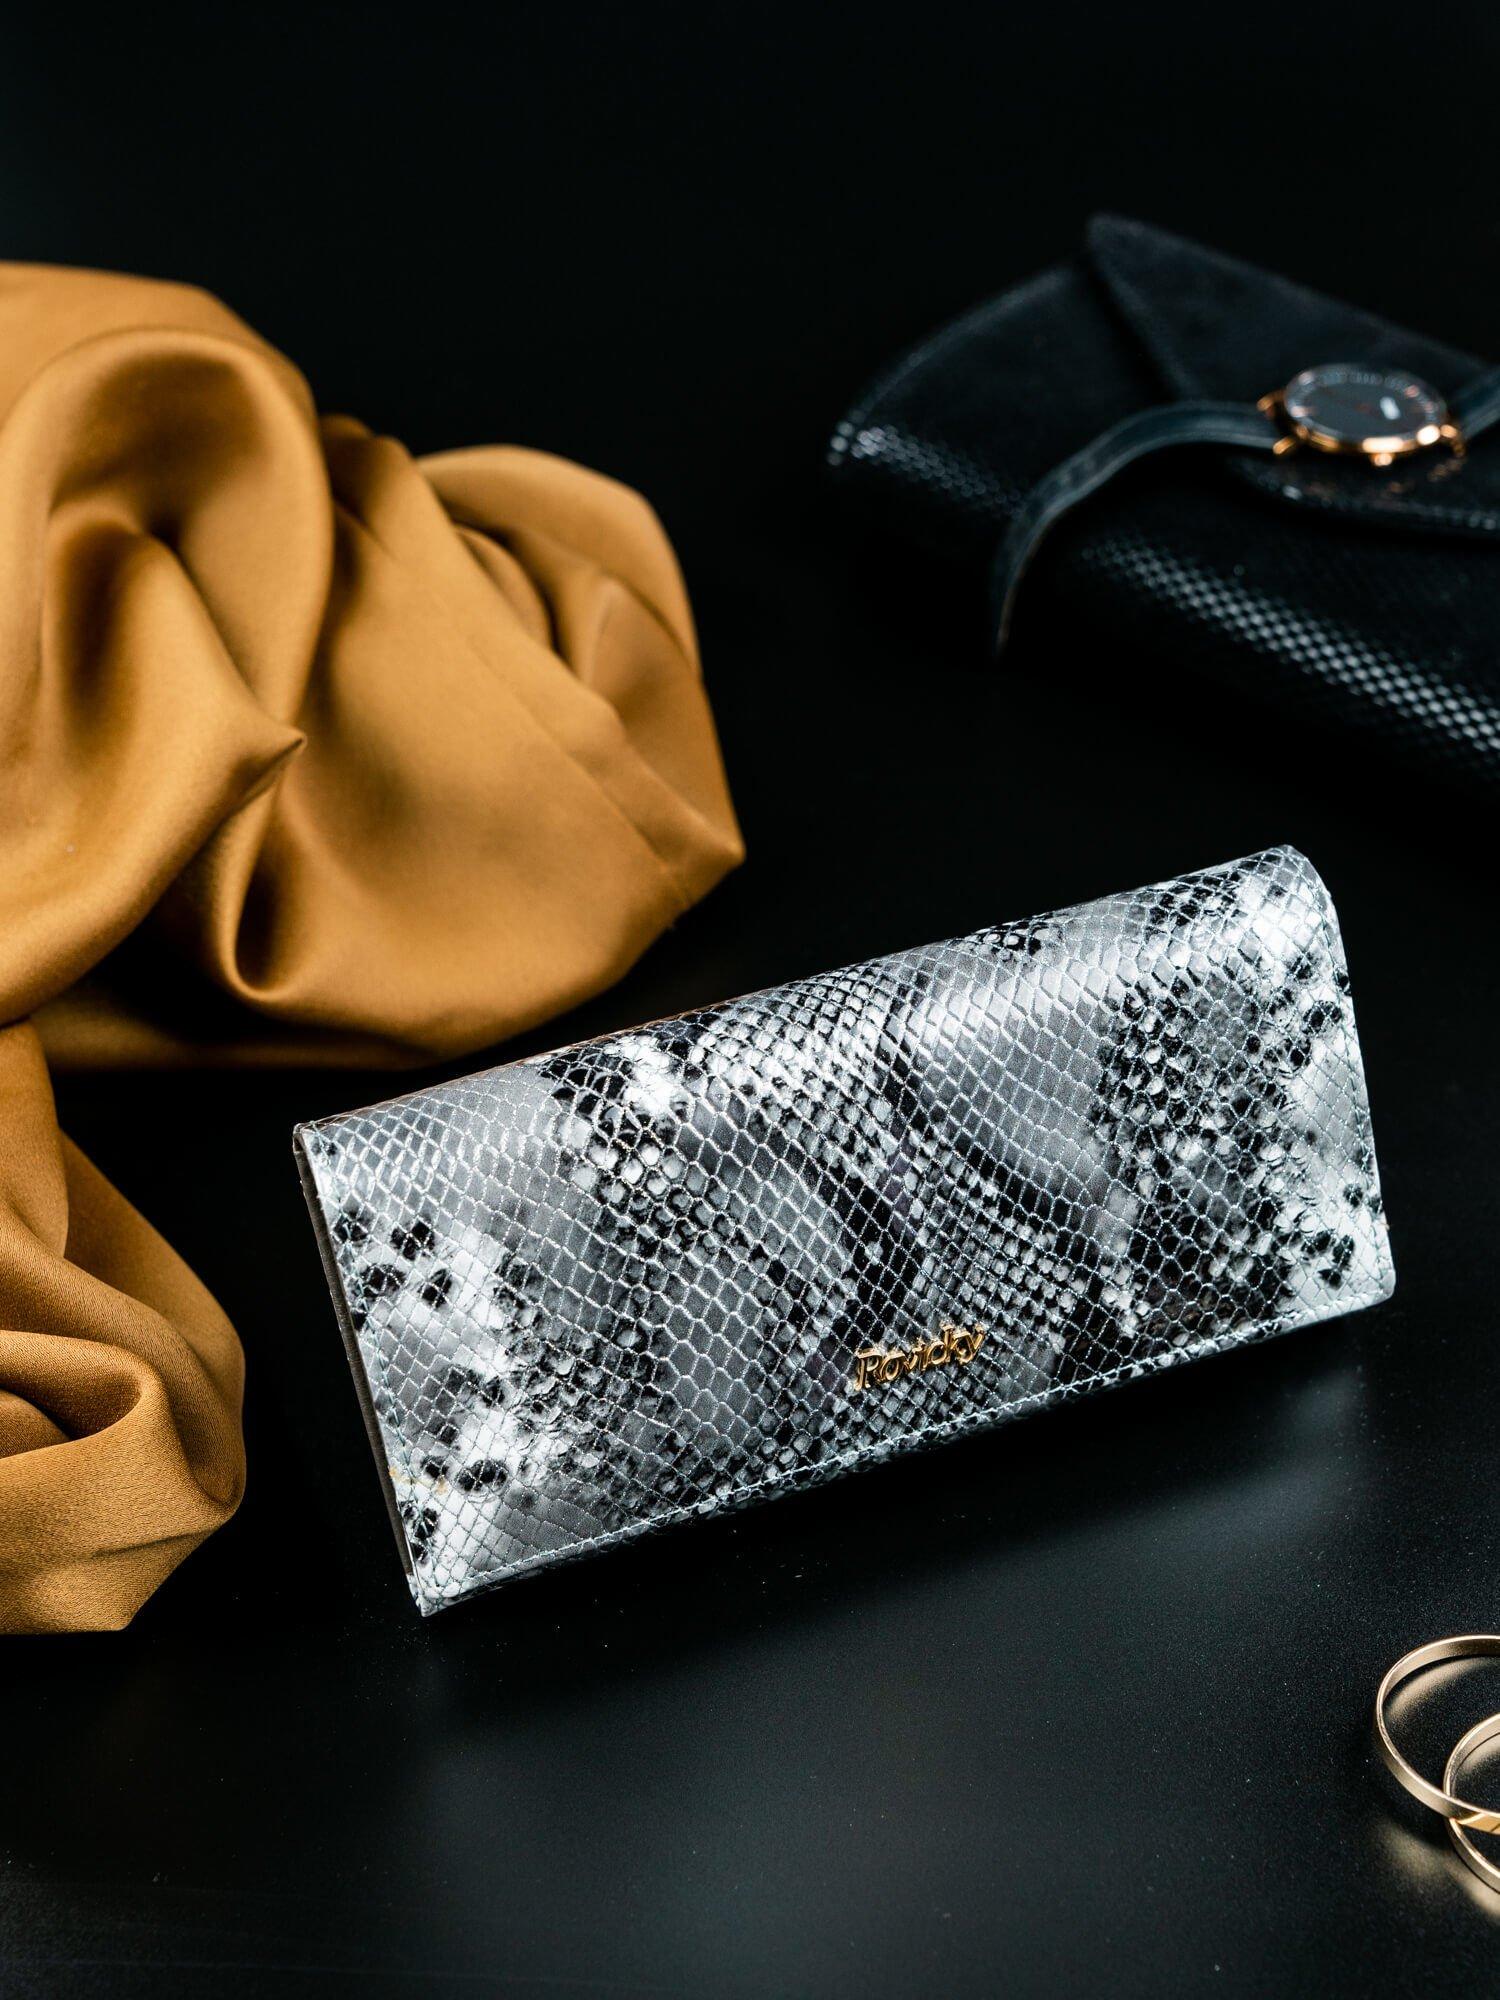 18dbb00c81875 Podłużny portfel z motywem skóry węża - Akcesoria portfele - sklep eButik.pl